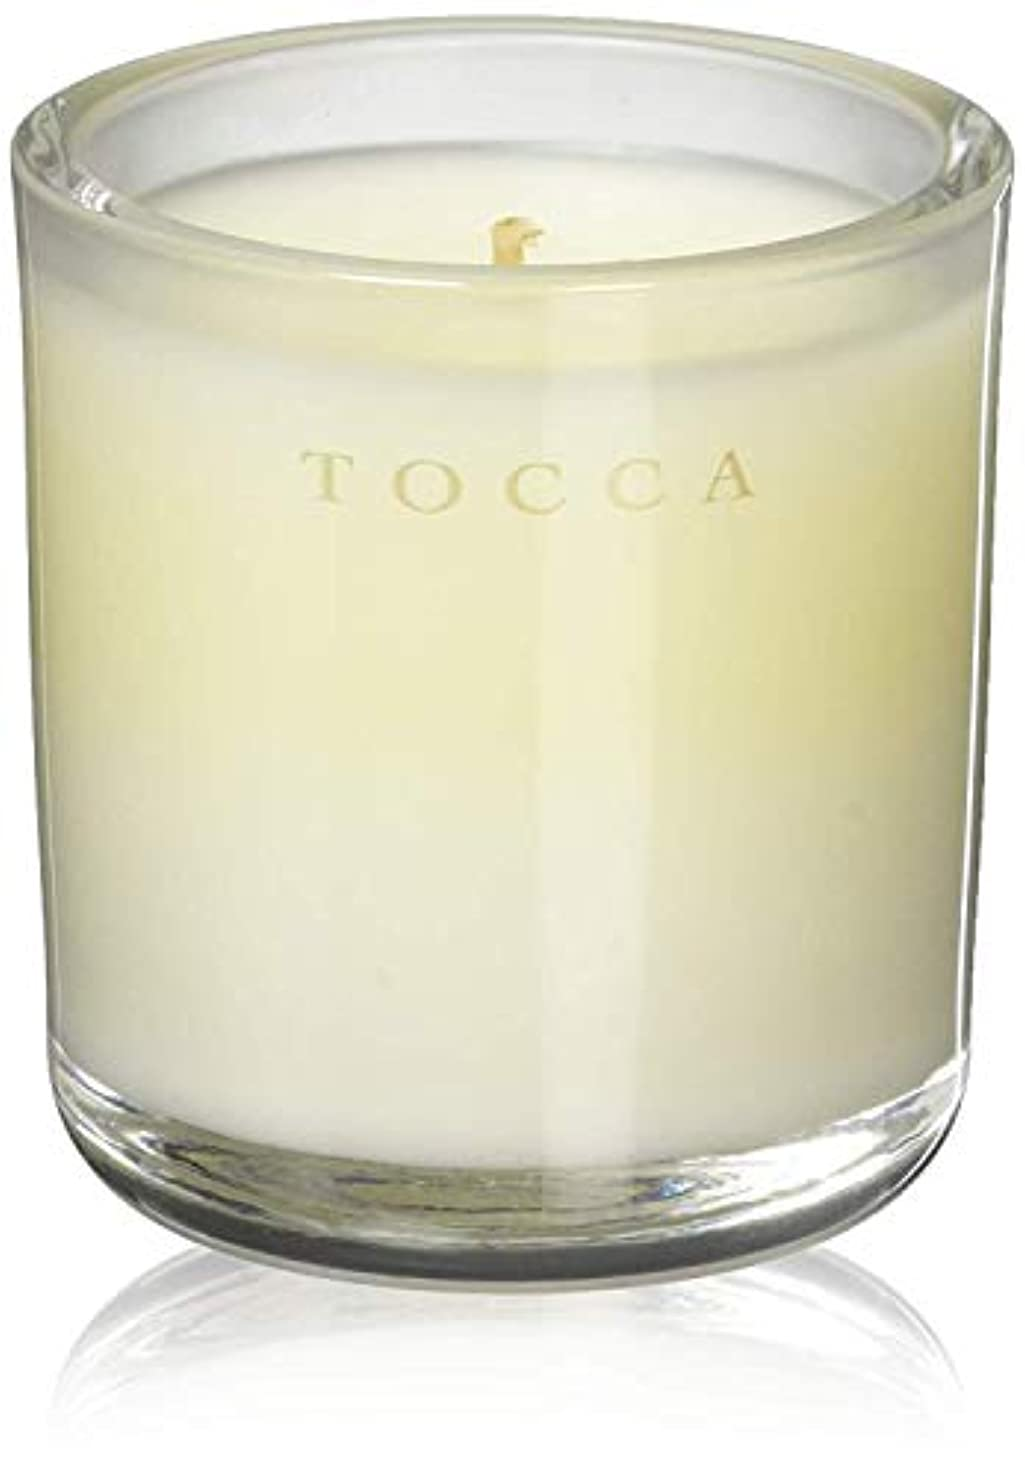 田舎者乳製品乙女TOCCA(トッカ) ボヤージュ キャンデリーナ マラケシュ 85g (ろうそく 芳香 パチュリとアンバーのスパイシーな香り)